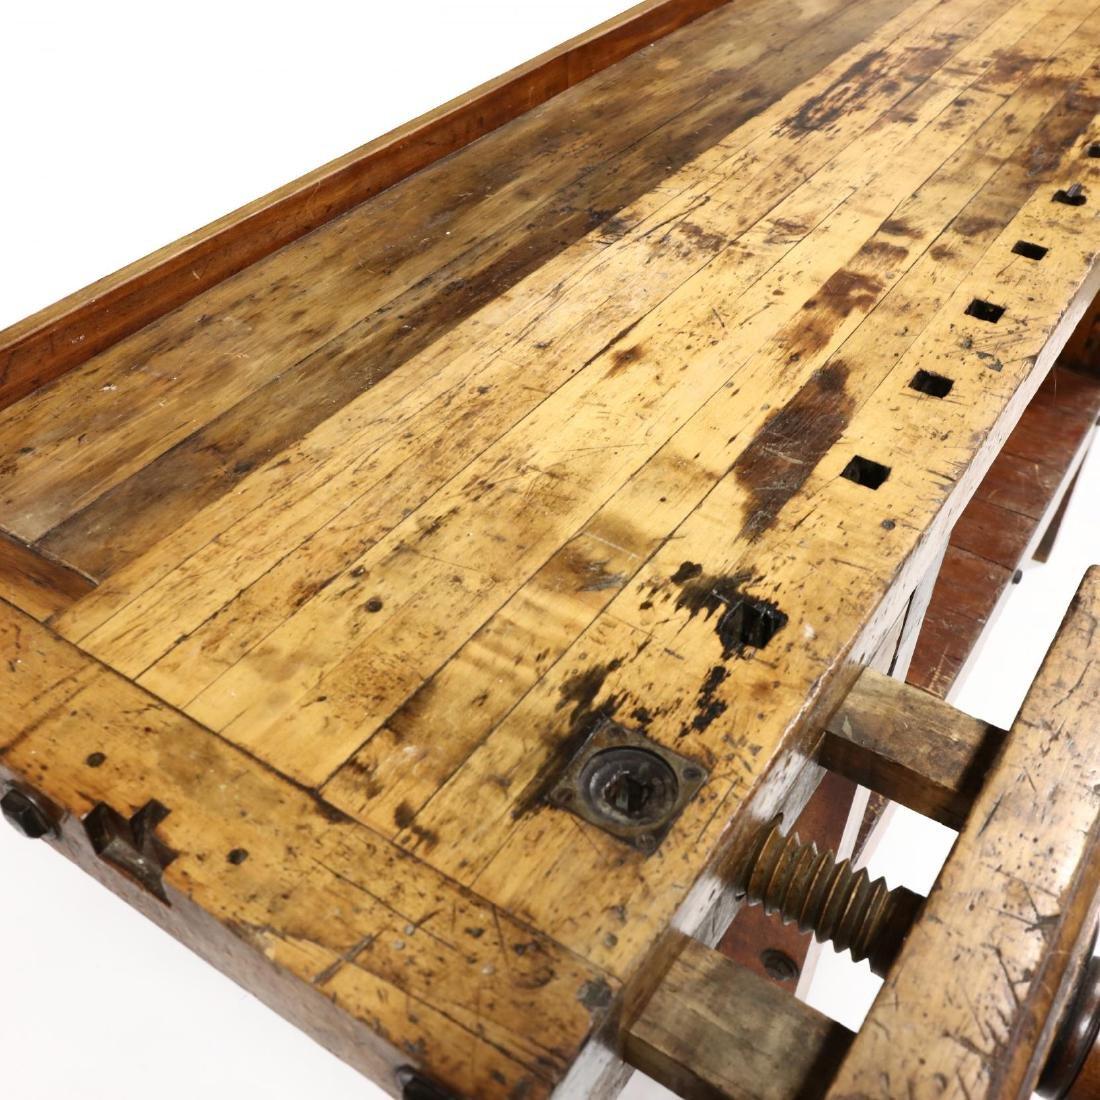 Antique Industrial Workbench / Desk - 6